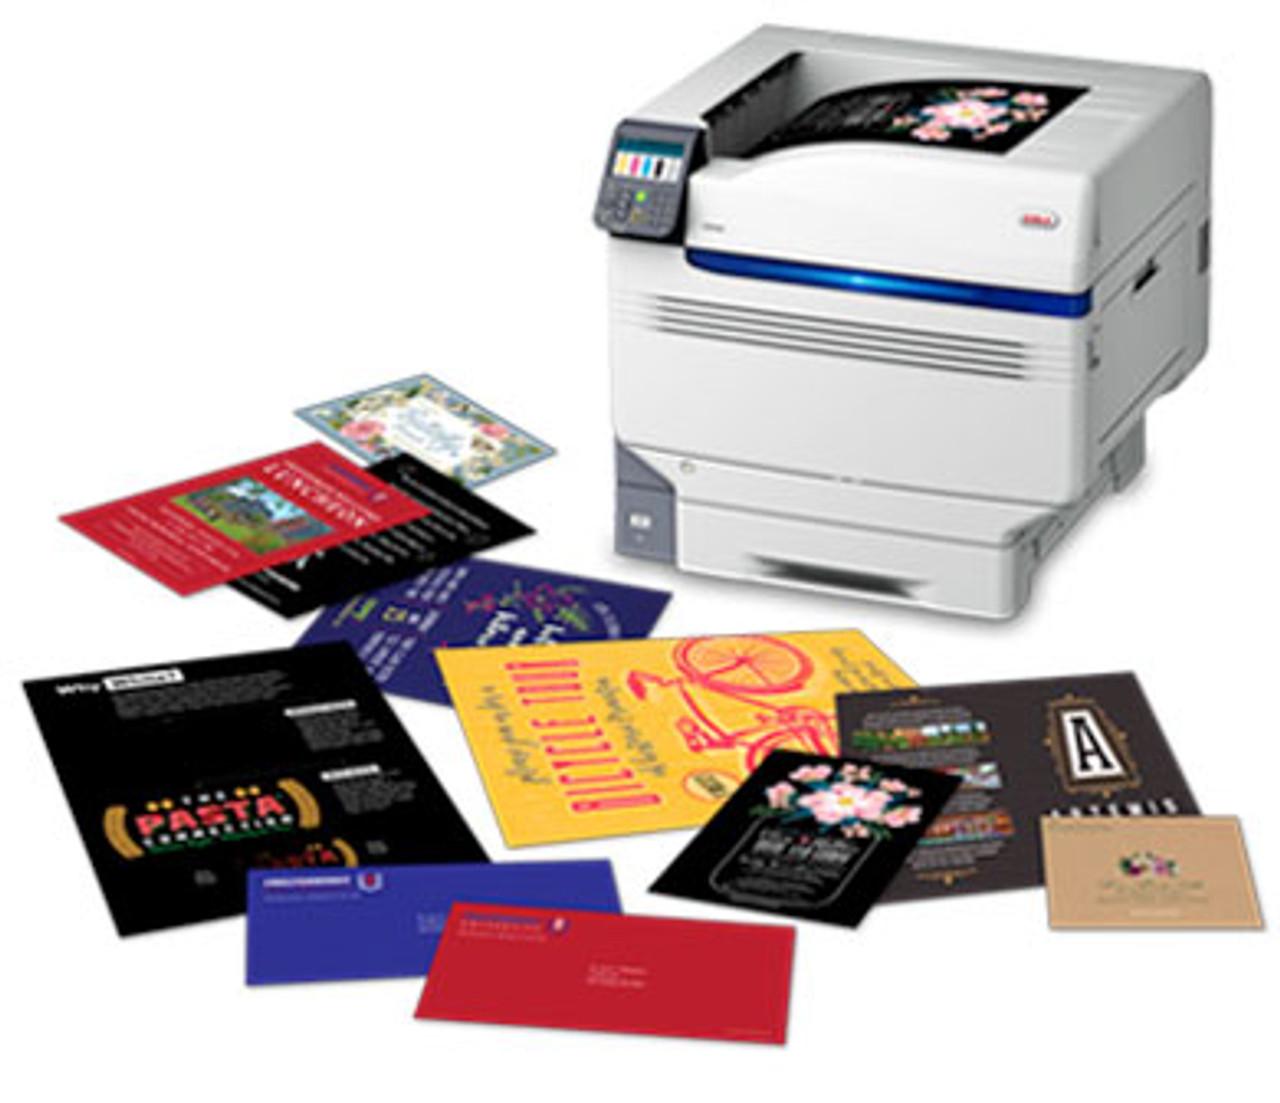 OKI C942dn Digital LED Printer